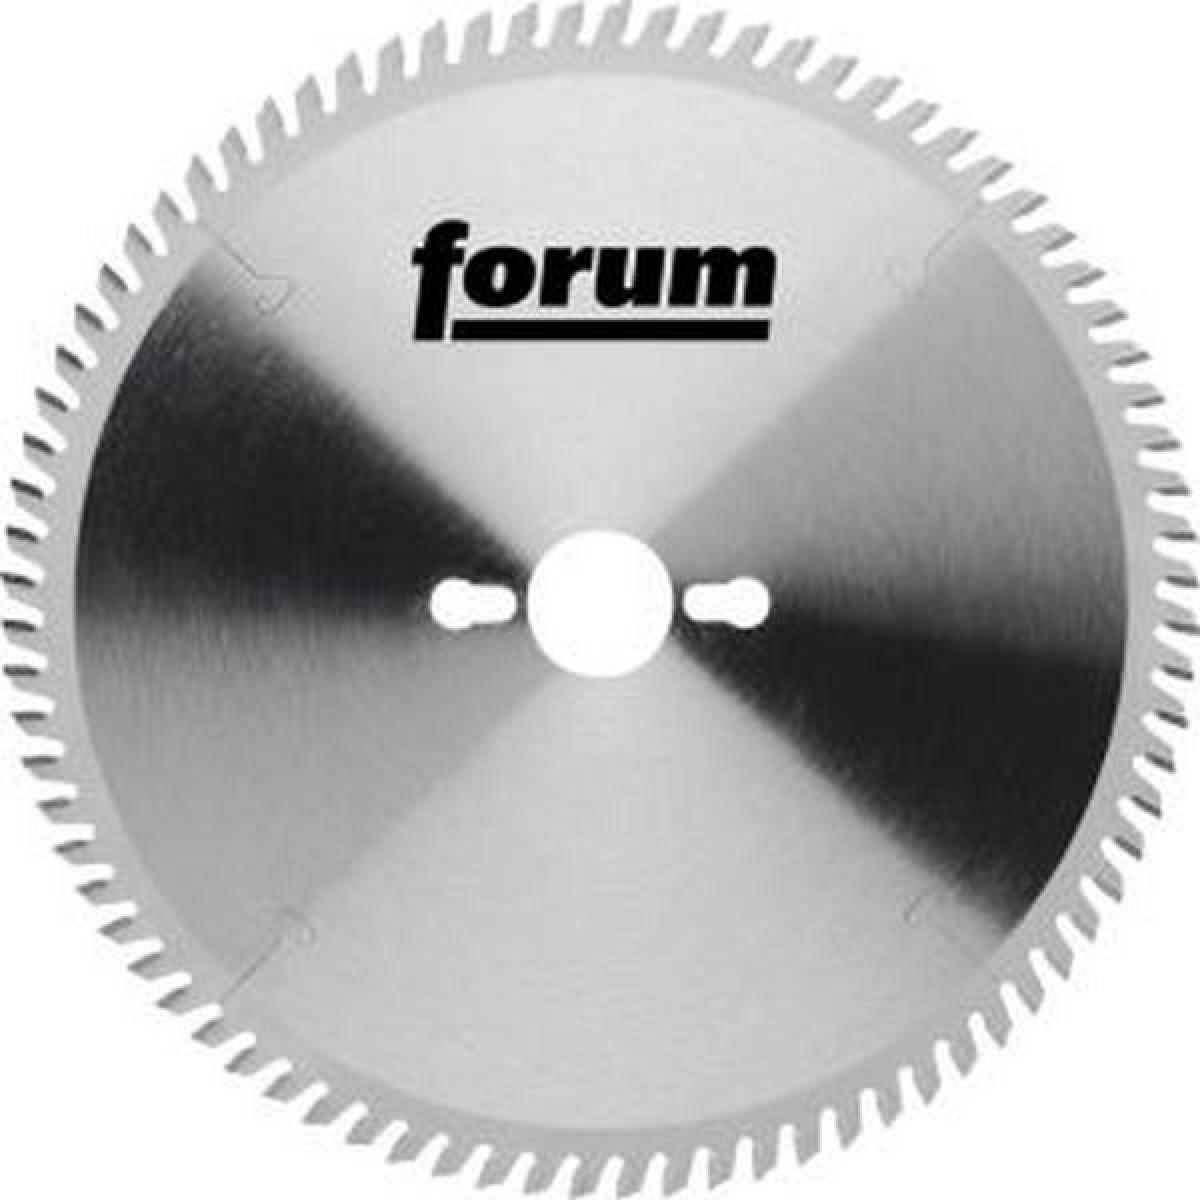 Forum Lame de scie circulaire, Ø : 400 mm, Larg. : 3,5 mm, Alésage 30 mm, Perçages secondaires : 2KNL*, Dents : 36